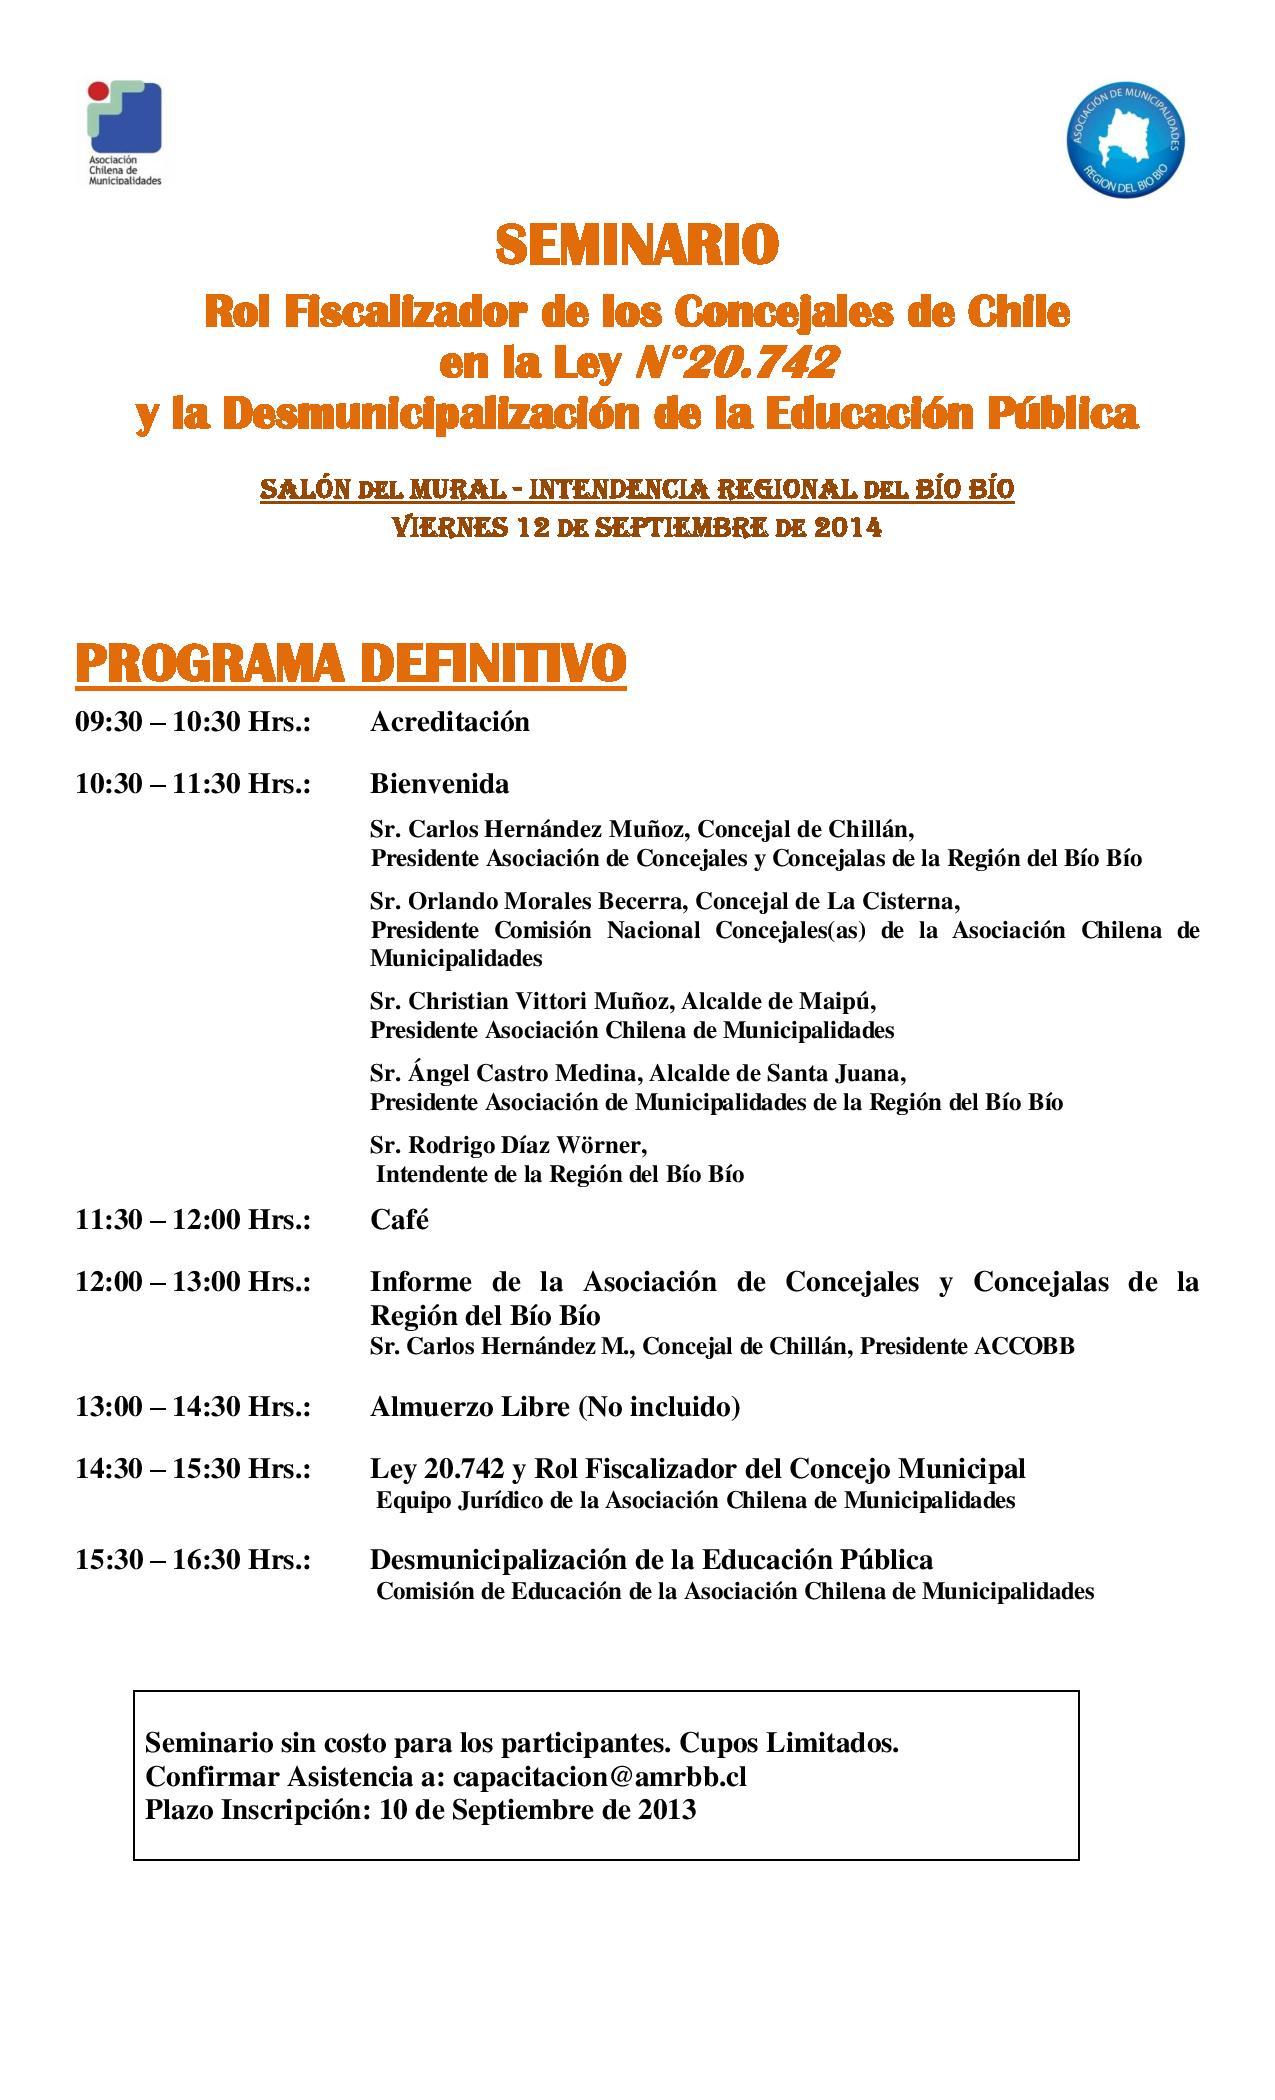 CONVOCATORIA PROGRAMA Y FICHA INSCRIPCION DEFINITIVOS-page-002